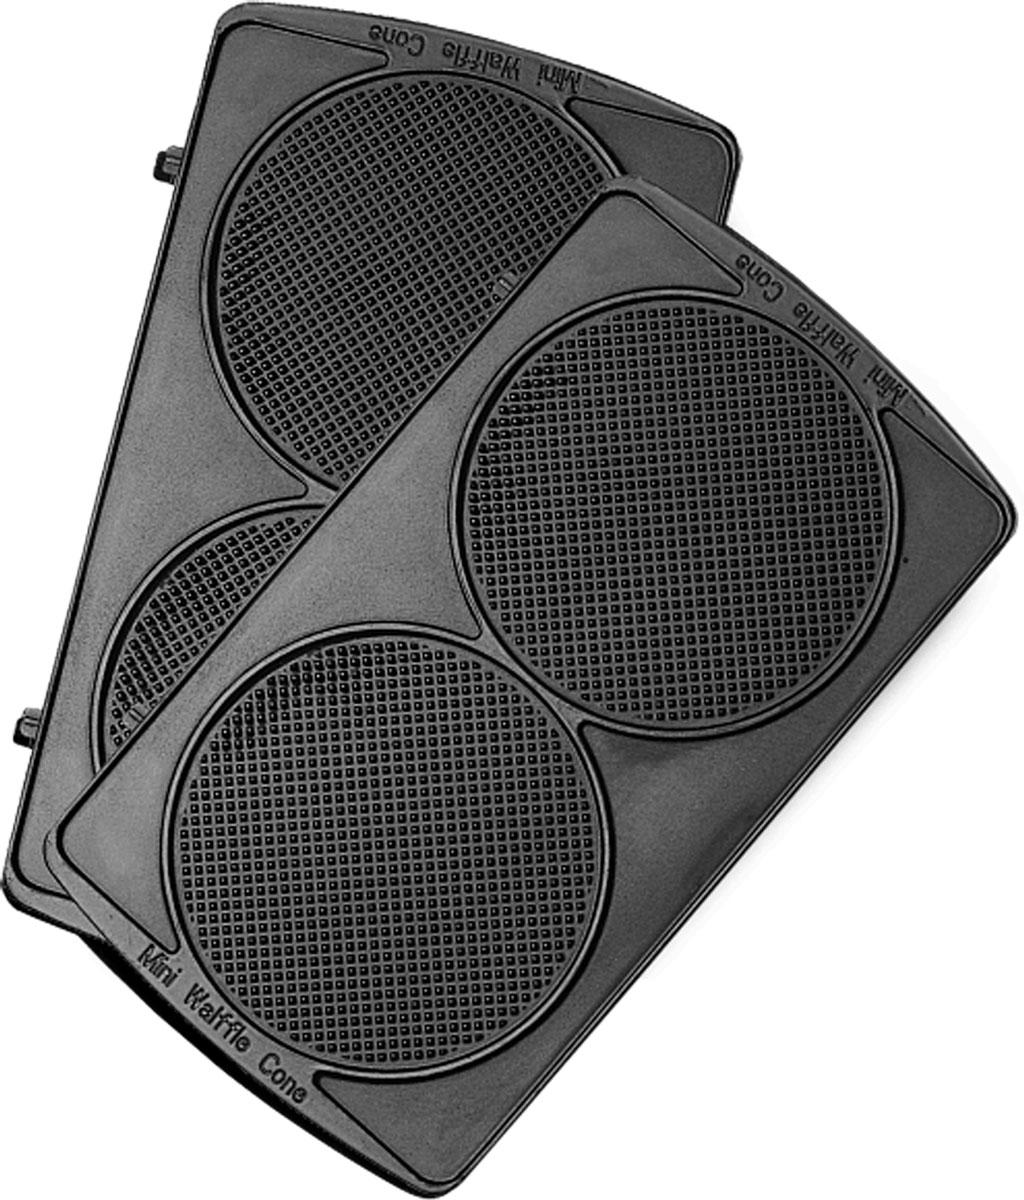 Redmond RAMB-12 панель для мультипекаряRAMB-12Универсальные съемные панели для любого мультипекаря Redmond! Позволят приготовить тонкие бельгийские вафли с медом или сгущенным молоком, а также – легкие крекеры. Панели изготовлены из металла с антипригарным покрытием – они долговечны и легки в уходе.Подходит для использования в мультипекарях Redmond: RMB-M600, RMB-M601, RMB-M602, RMB-M603, RMBM604, RMB-M605, RMB-M606, RMB-M607, RMB-M608, RMB-M609, RMB-M610, RMB-611.